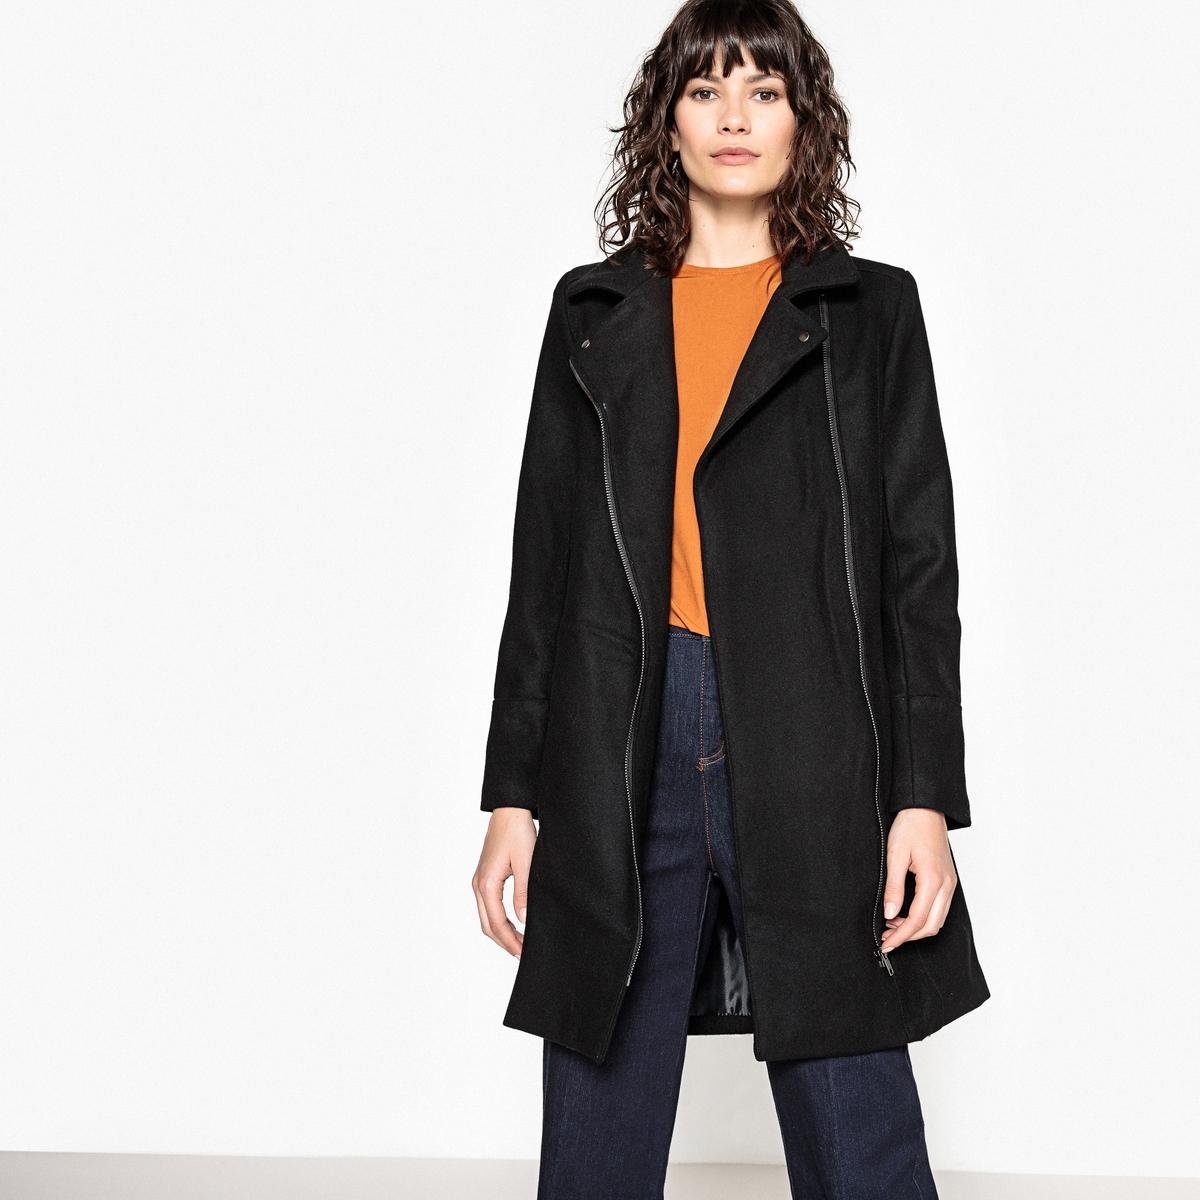 Пальто на молнии в байкерском стилеСимпатичное пальто на молнии в стиле куртки в байкерском стиле. Это модное пальто из шерстяного драпа защитит вас от холода.Детали •  Длина : средняя •  Воротник-поло, рубашечный •  Застежка на молниюСостав и уход •  70% шерсти, 30% полиэстера •  Подкладка : 100% полиэстер • Не стирать •  Деликатная чистка/без отбеливателей •  Не использовать барабанную сушку  •  Низкая температура глажки •  Длина : 92 см •  Асимметричная застежка спереди .<br><br>Цвет: черный<br>Размер: 44 (FR) - 50 (RUS)